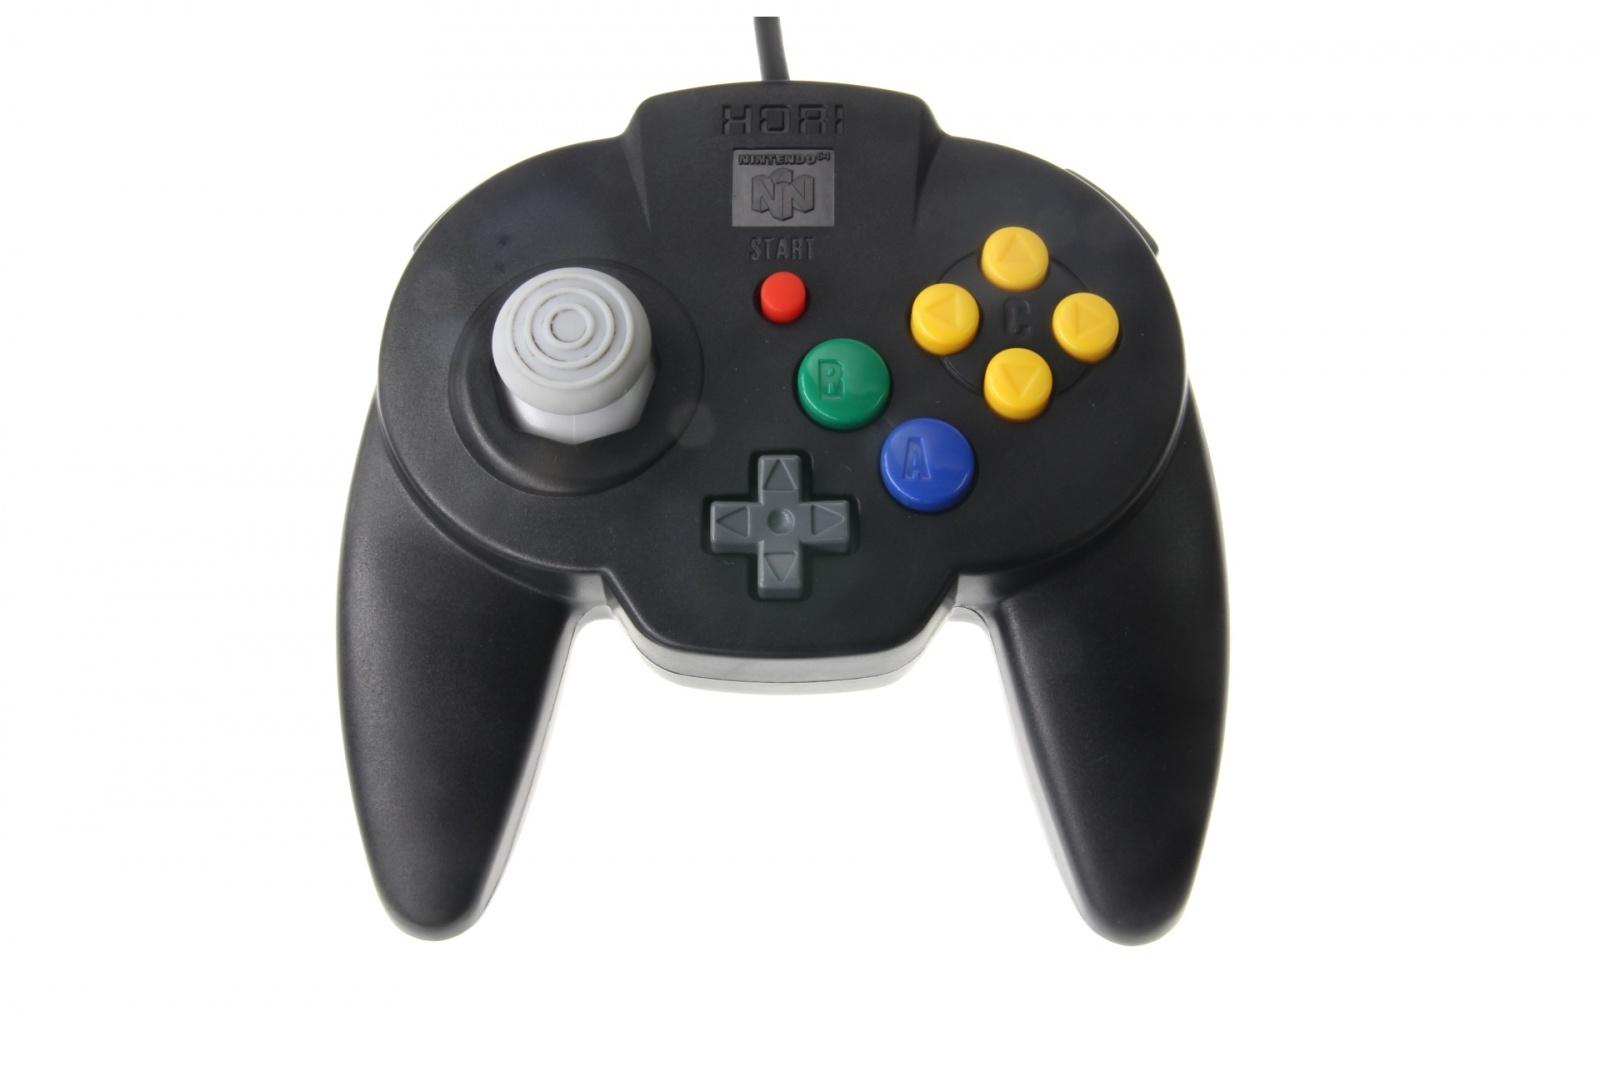 Чем же играть на Nintendo 64? - 4